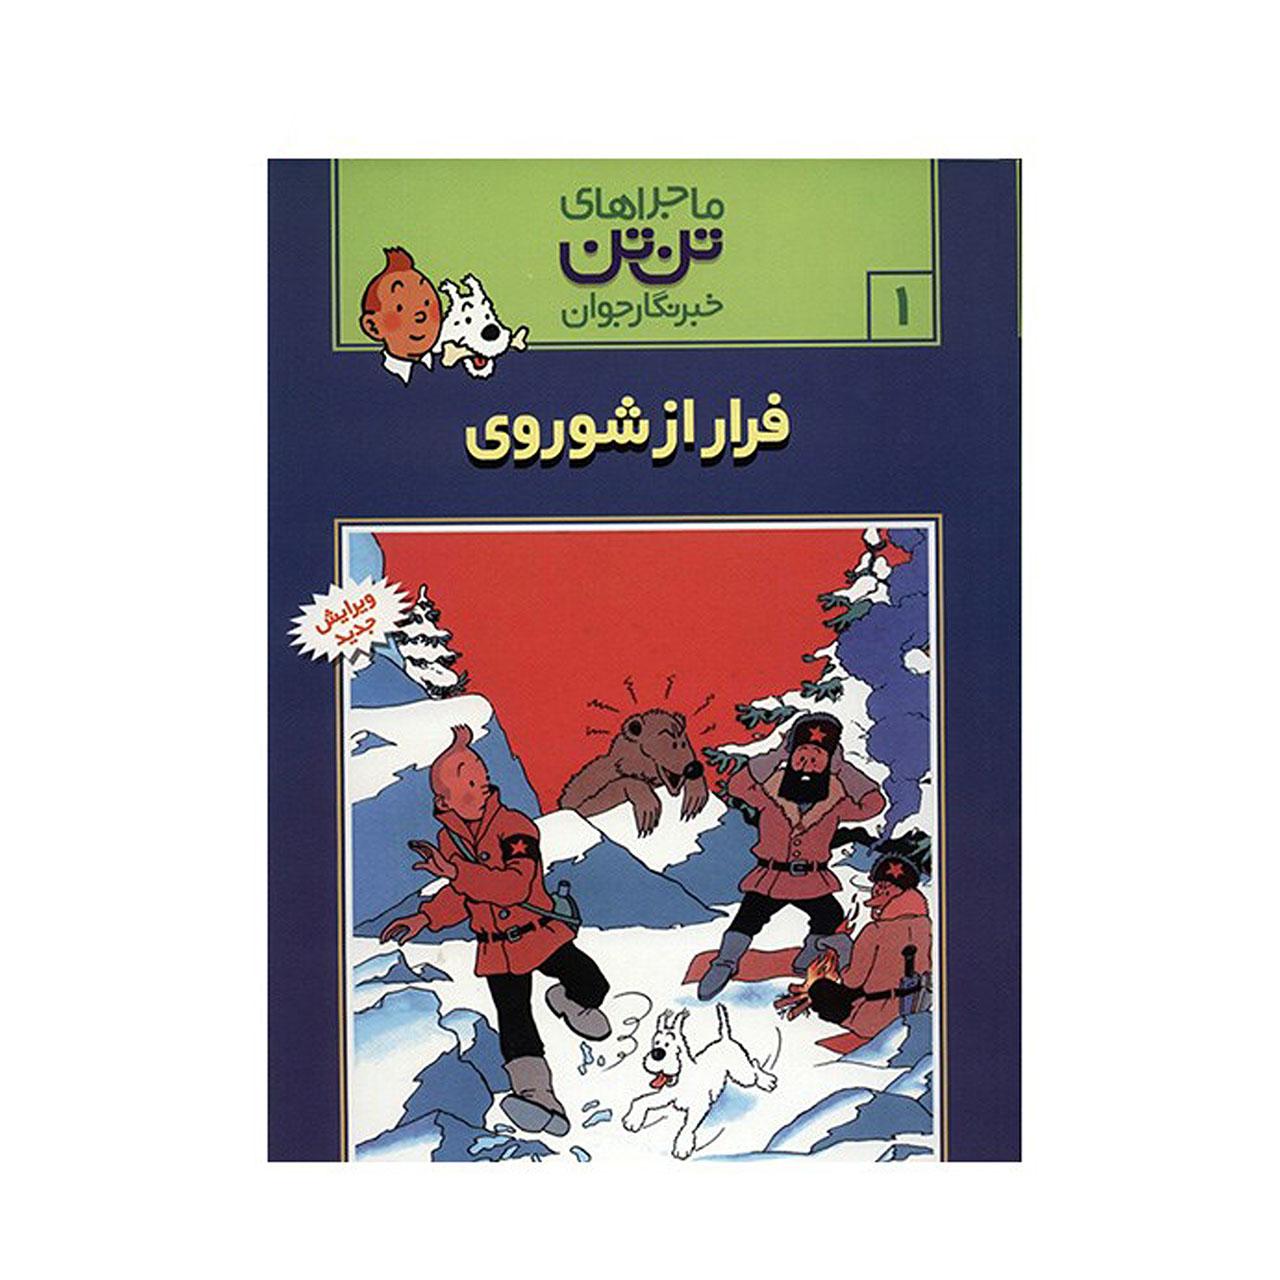 خرید                      کتاب فرار از شوروی، ماجراهای تن تن خبرنگار جوان 1 اثر هرژه